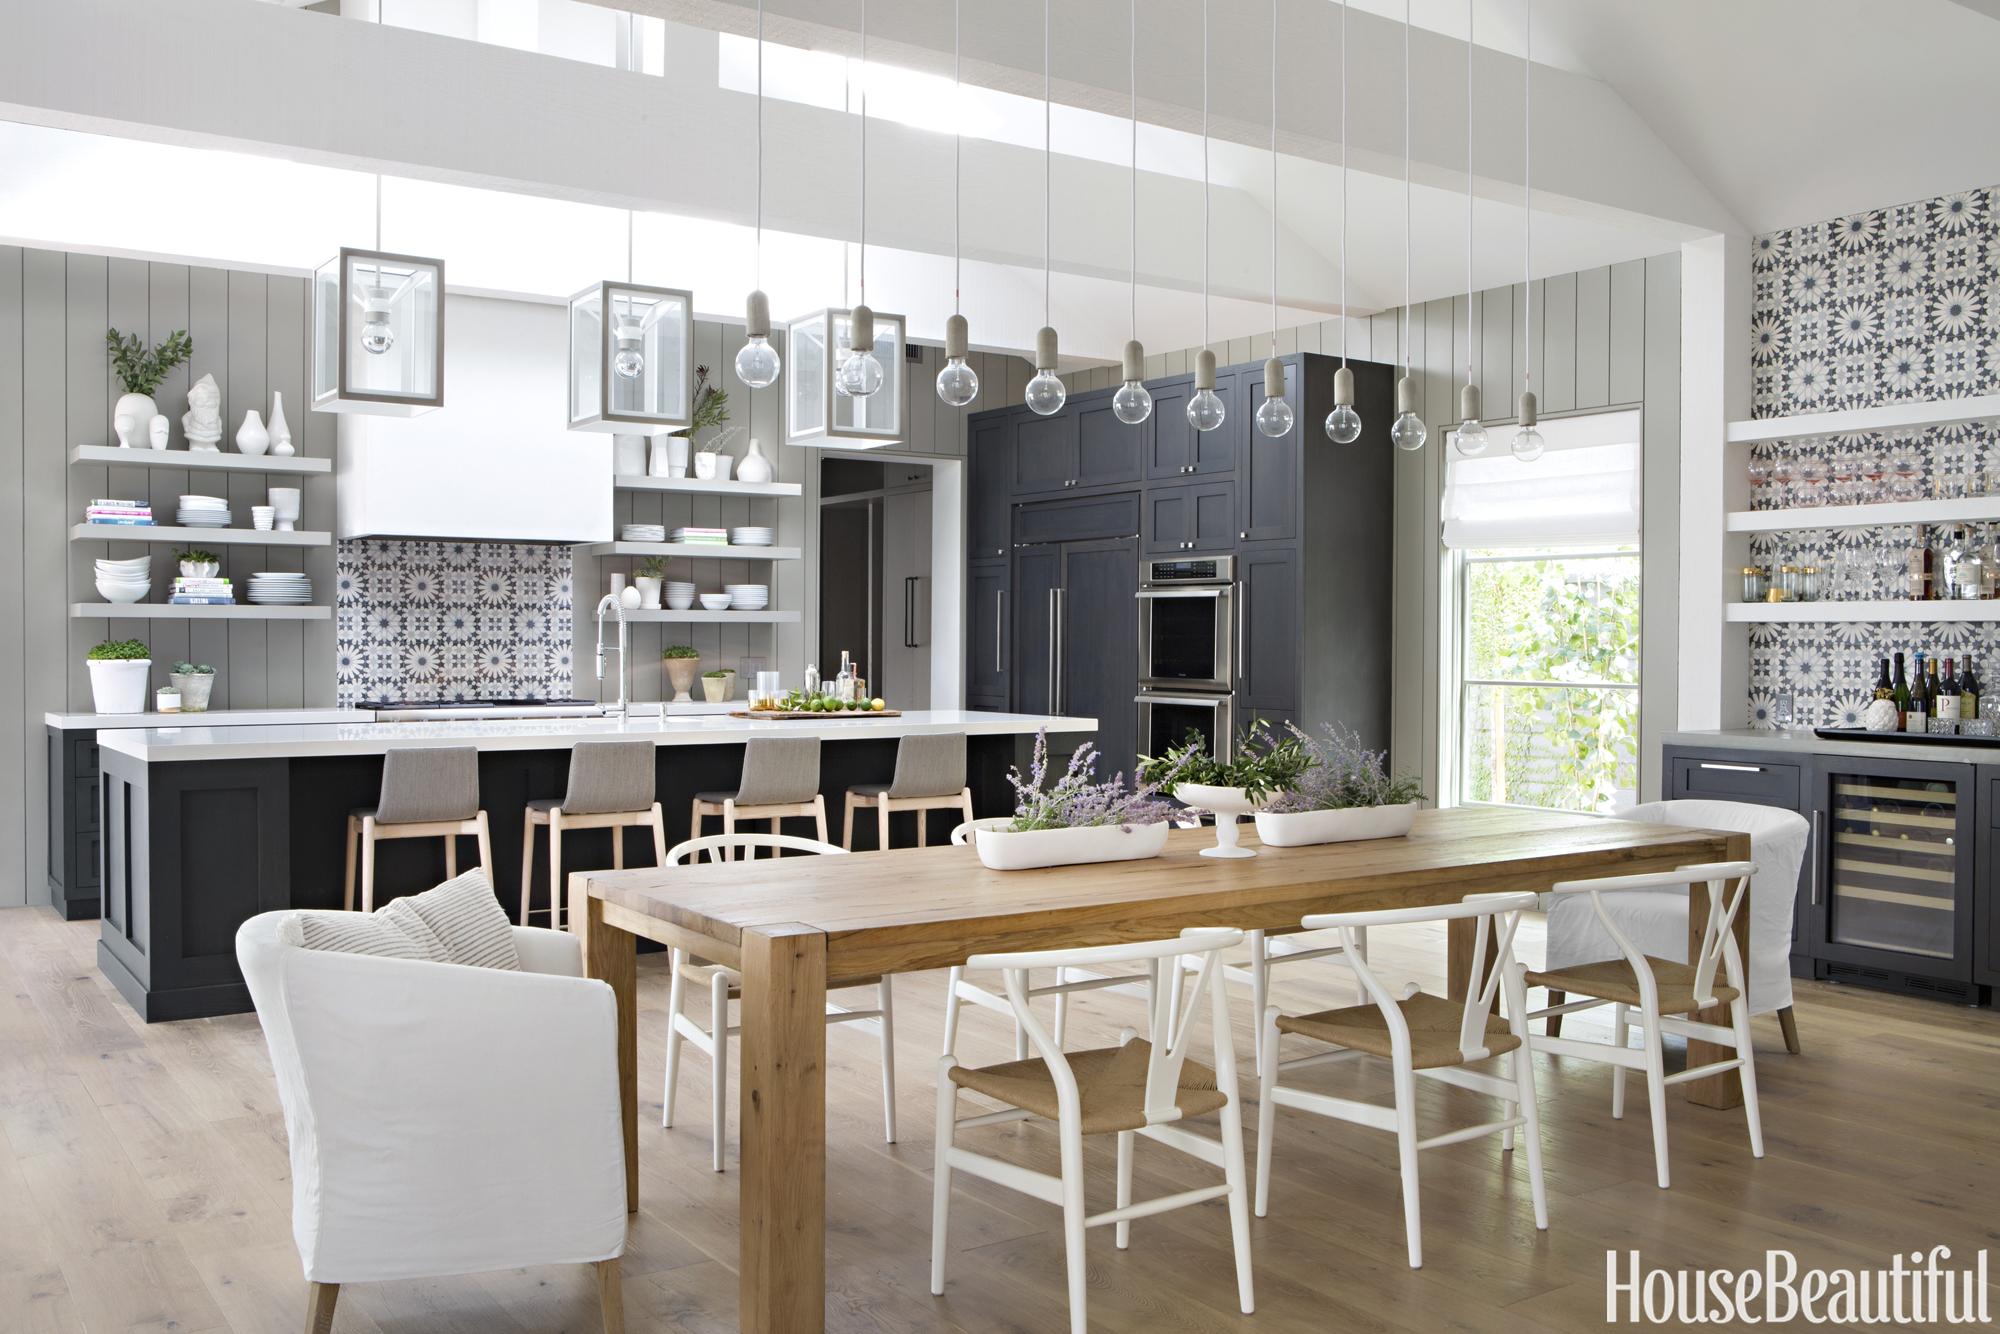 A farmhouse kitchen by raili clasen and eric olsen - Modern farmhouse kitchen colors ...